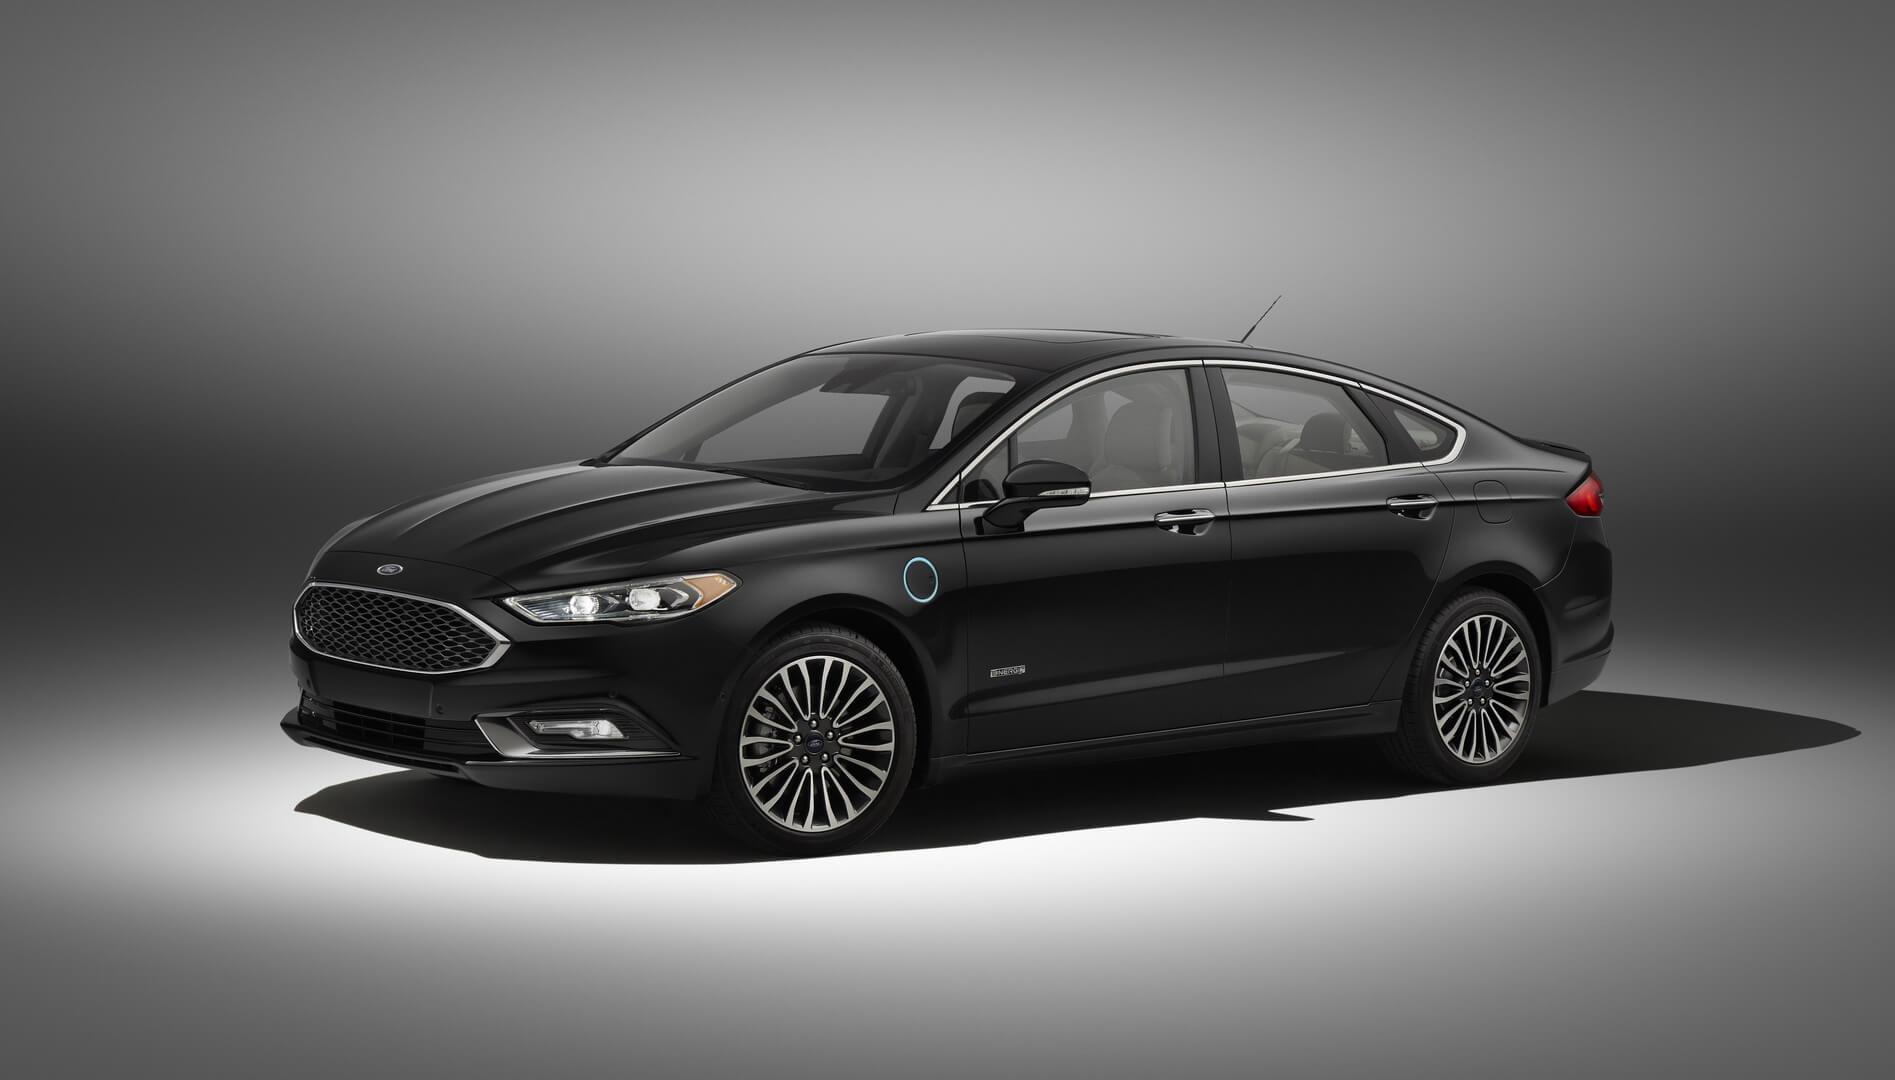 Плагин-гибрид Ford Fusion Energy